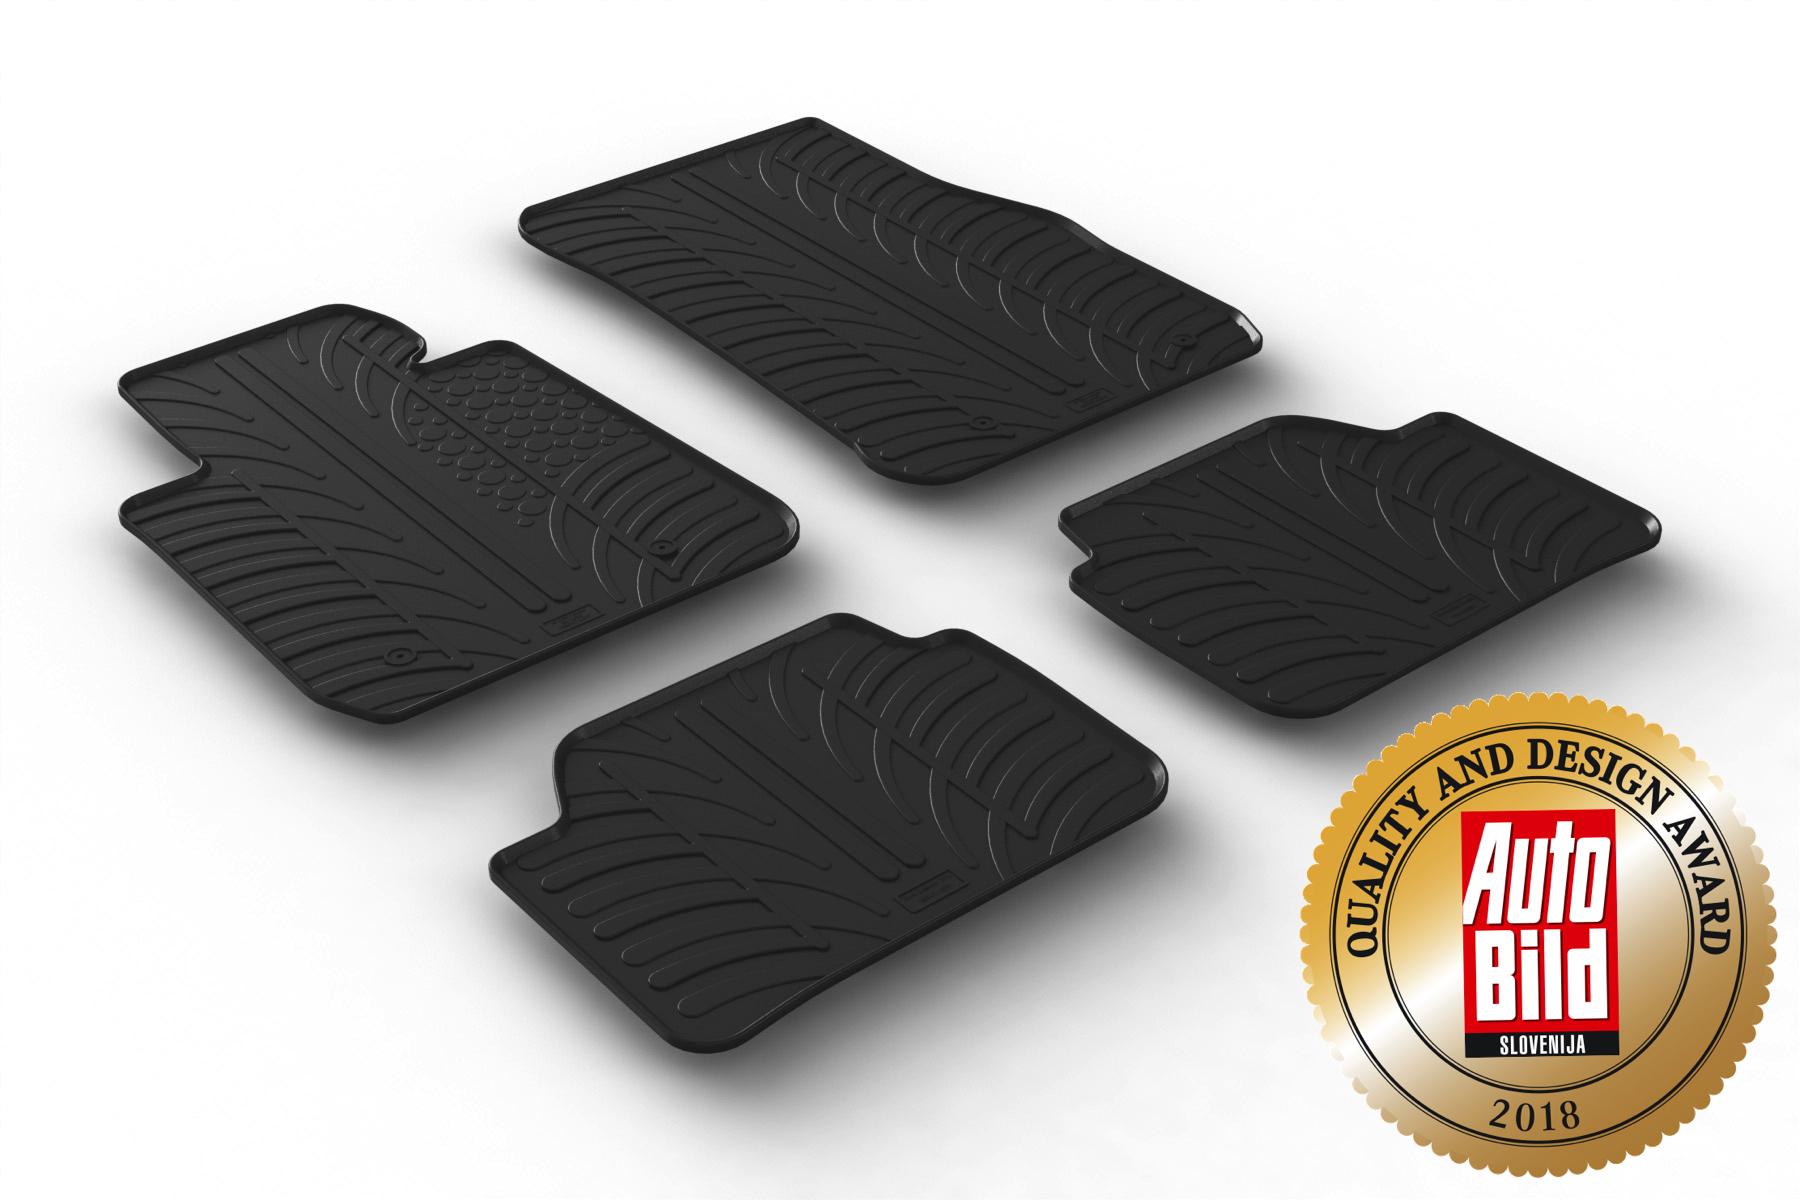 Fußmatten passgenau TOP Qualität BMW X3  ab 2011 Gummifußmatten